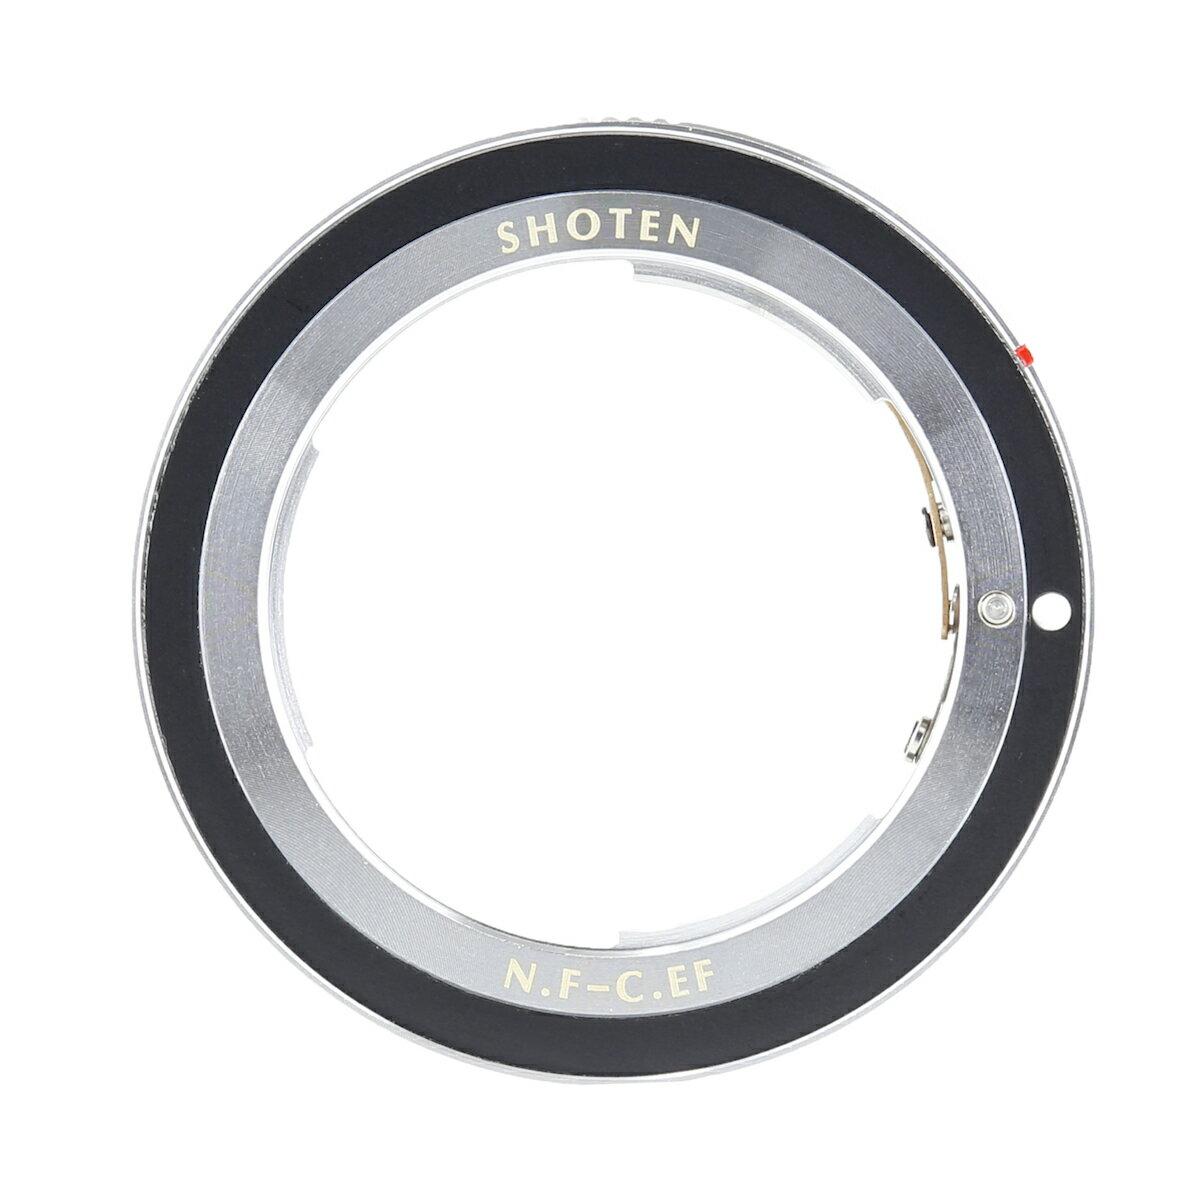 カメラ・ビデオカメラ・光学機器, カメラ用交換レンズ SHOTEN NF-CEF (F EF)